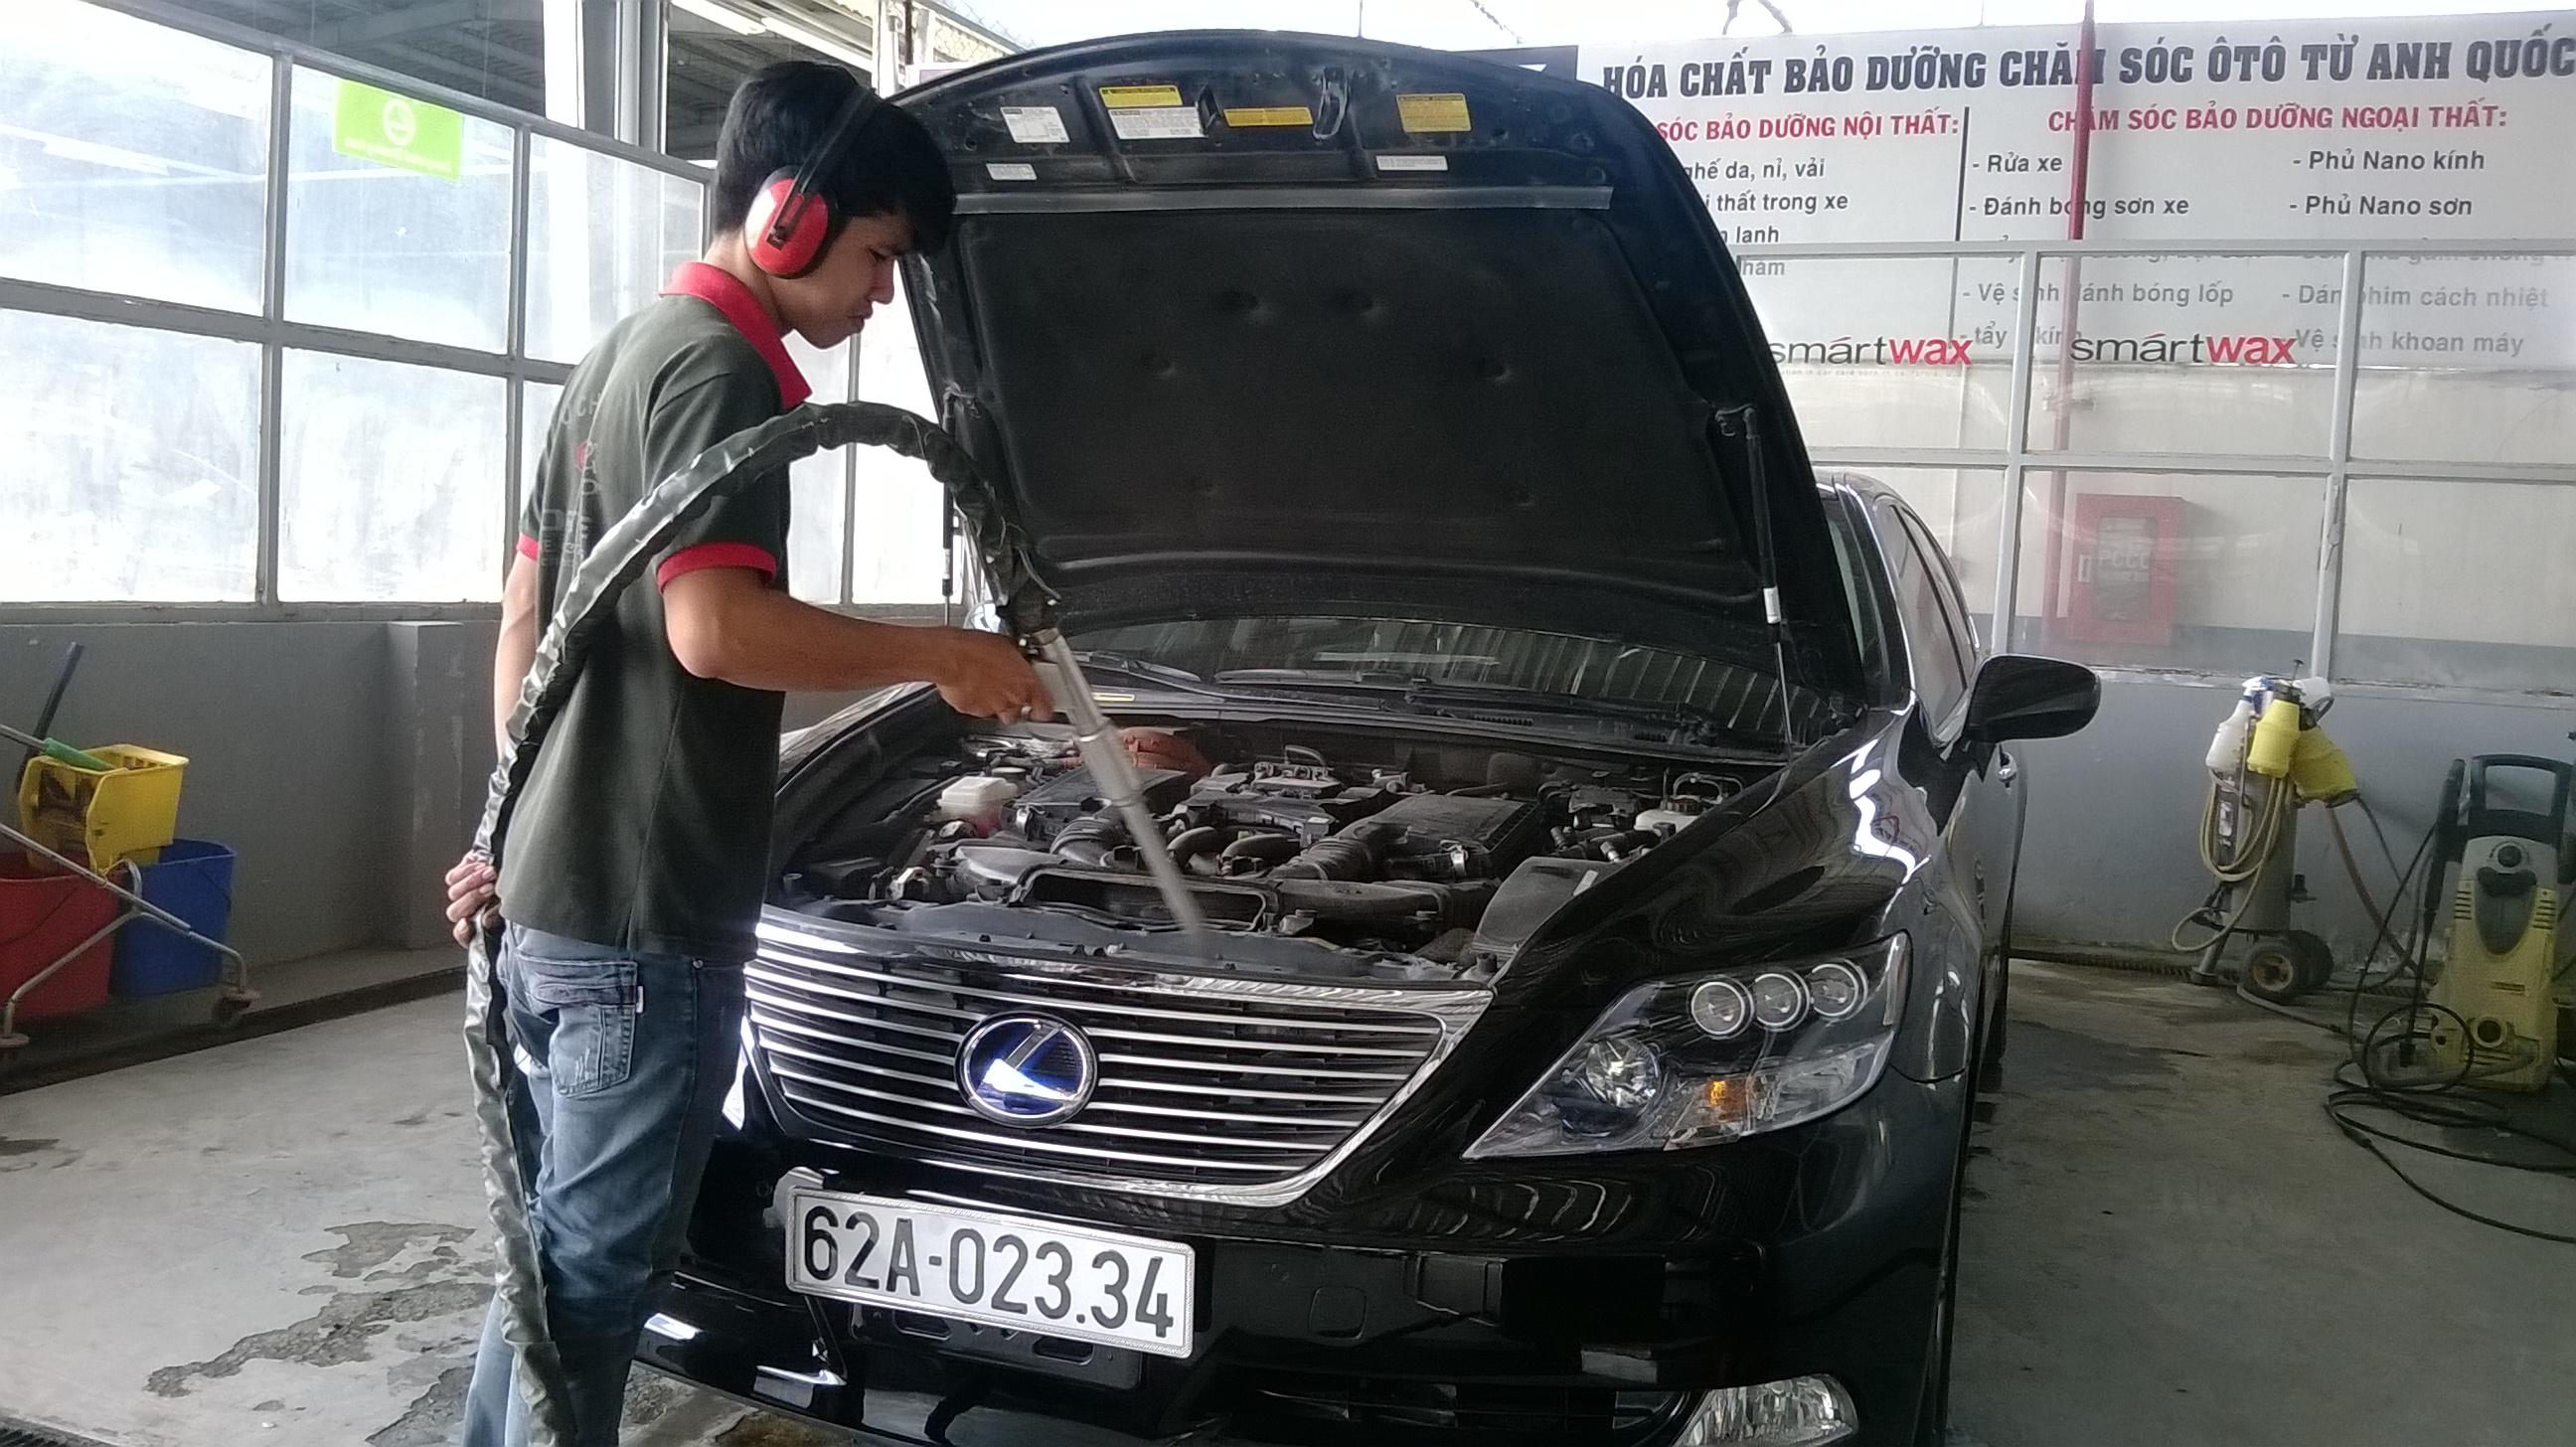 Mô hình rửa xe ô tô chuyên nghiệp